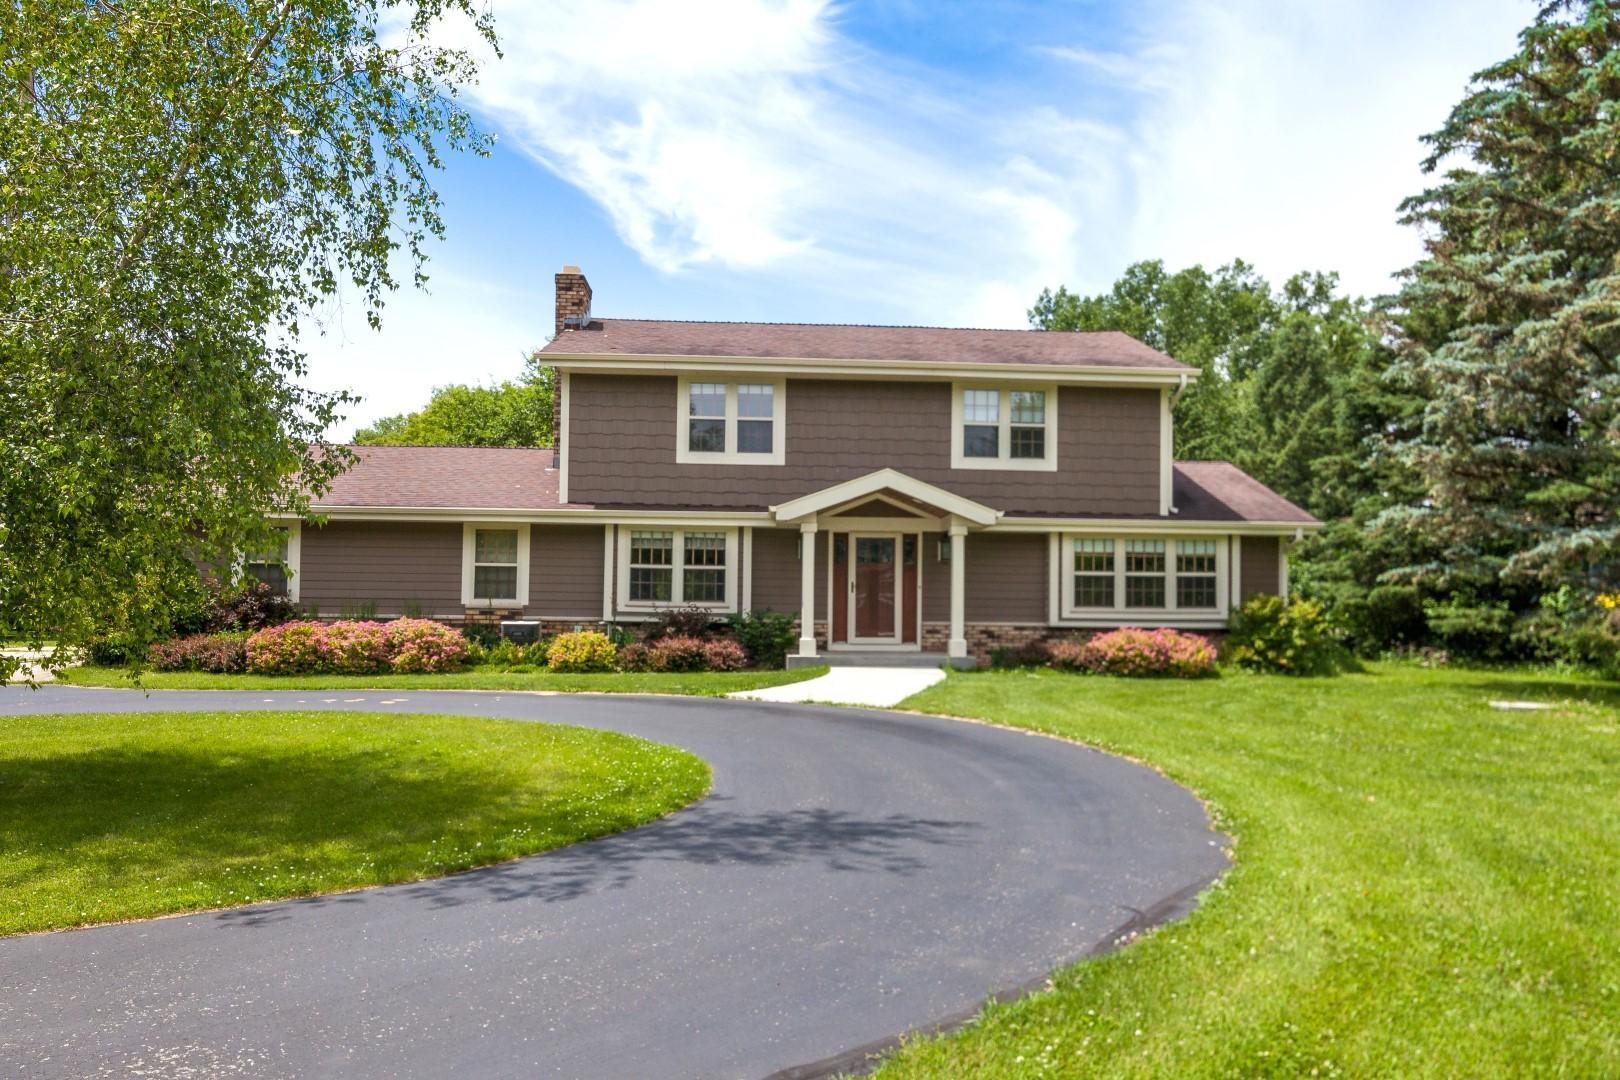 W352N5731 Nelson Rd, Oconomowoc, Wisconsin 53066, 4 Bedrooms Bedrooms, 9 Rooms Rooms,2 BathroomsBathrooms,Single-Family,For Sale,Nelson Rd,1645496